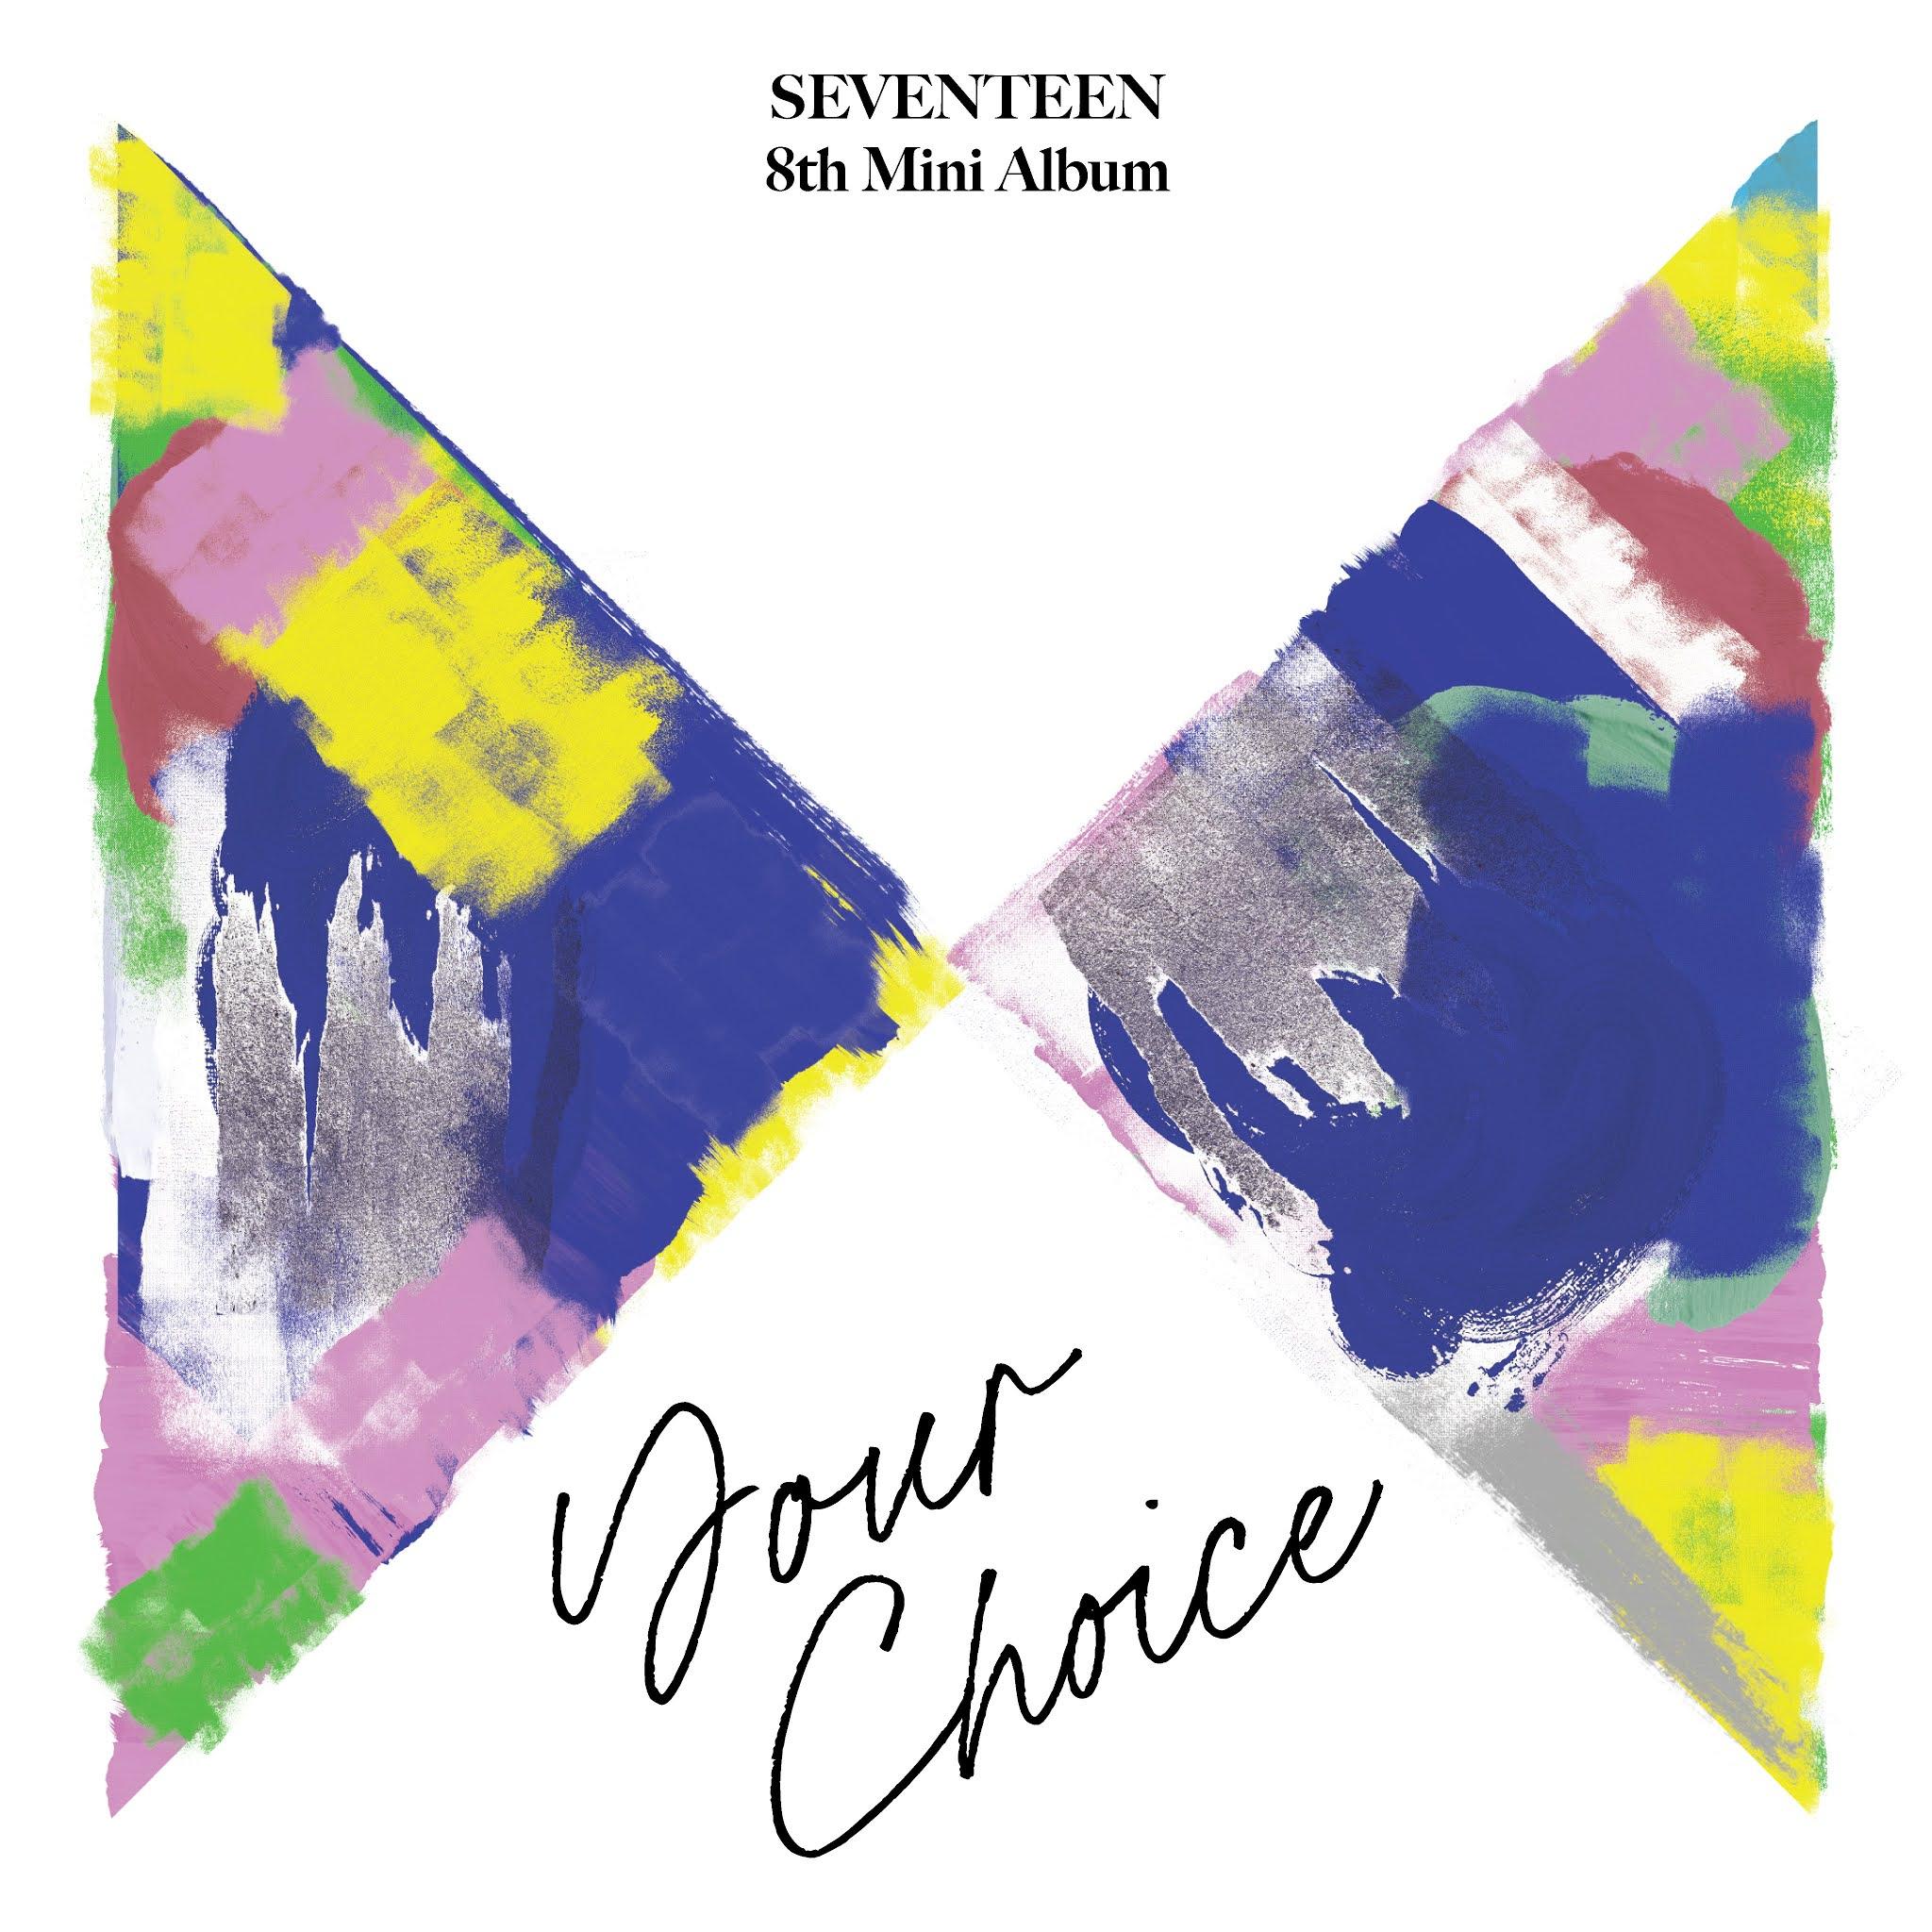 SEVENTEEN - Your Choice